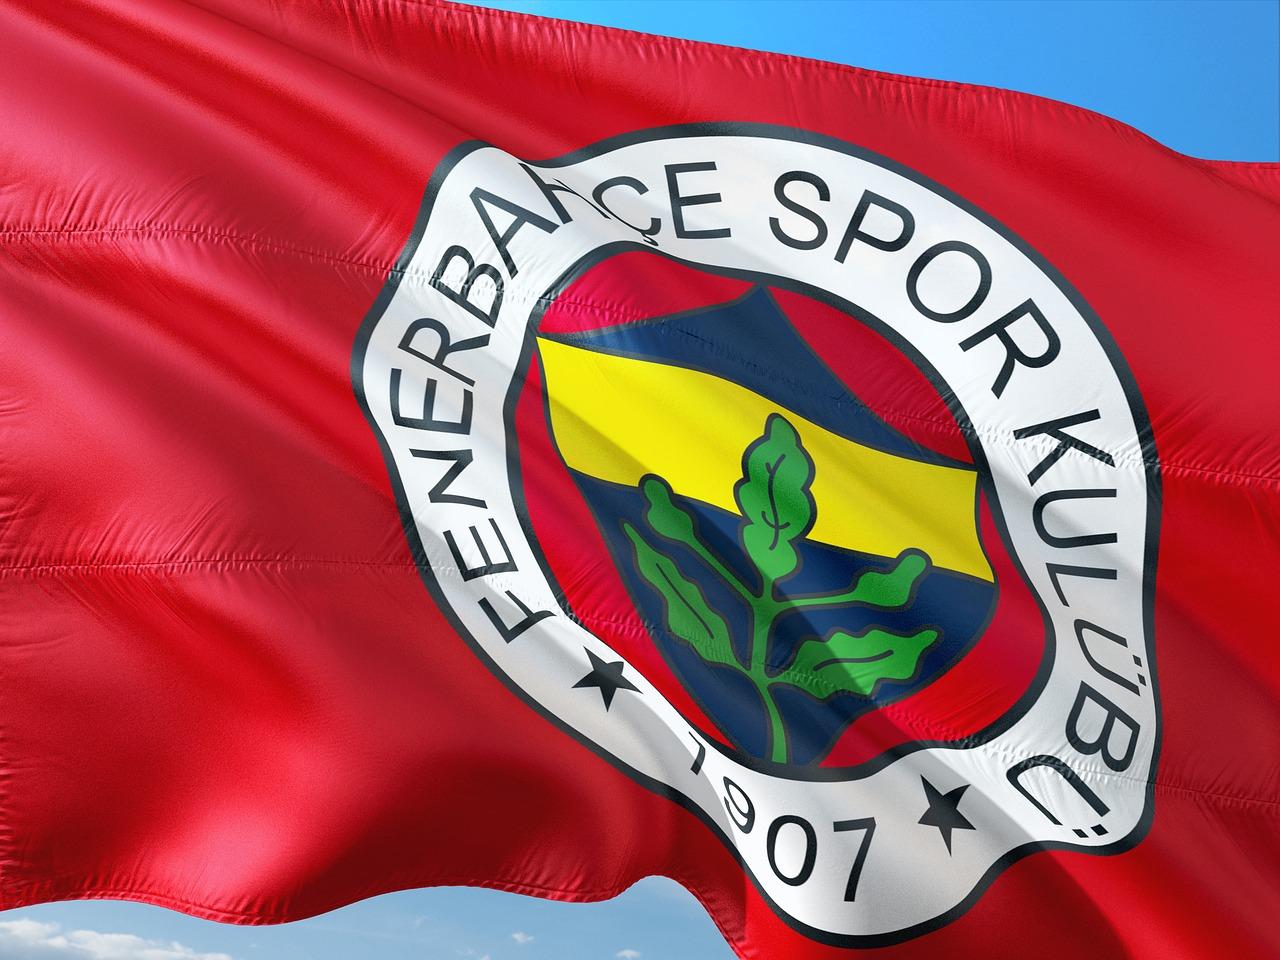 türkscher Fußballverein Fenerbahce